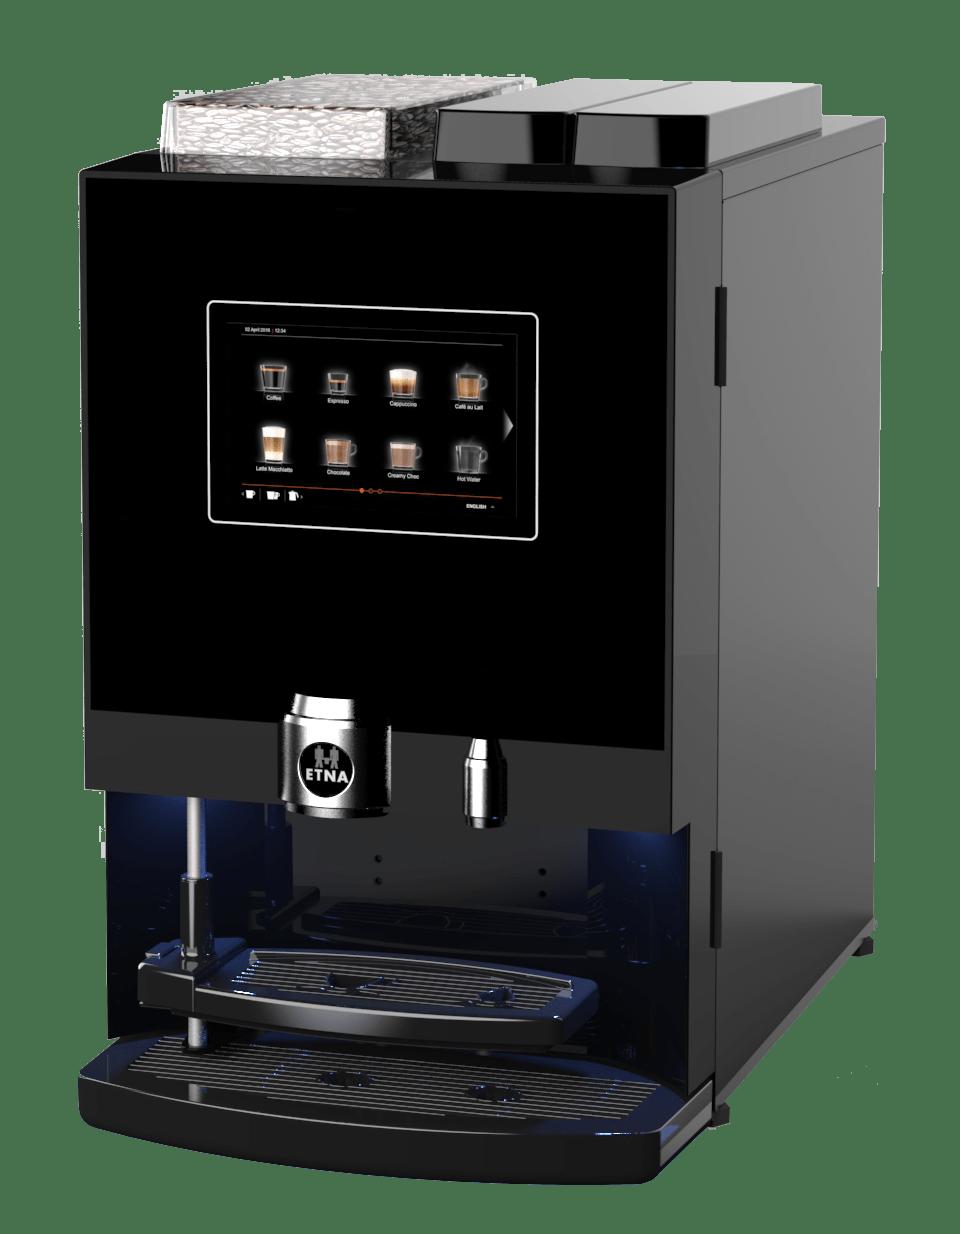 ETNA Dorado Espresso Compact   KoffiePartners